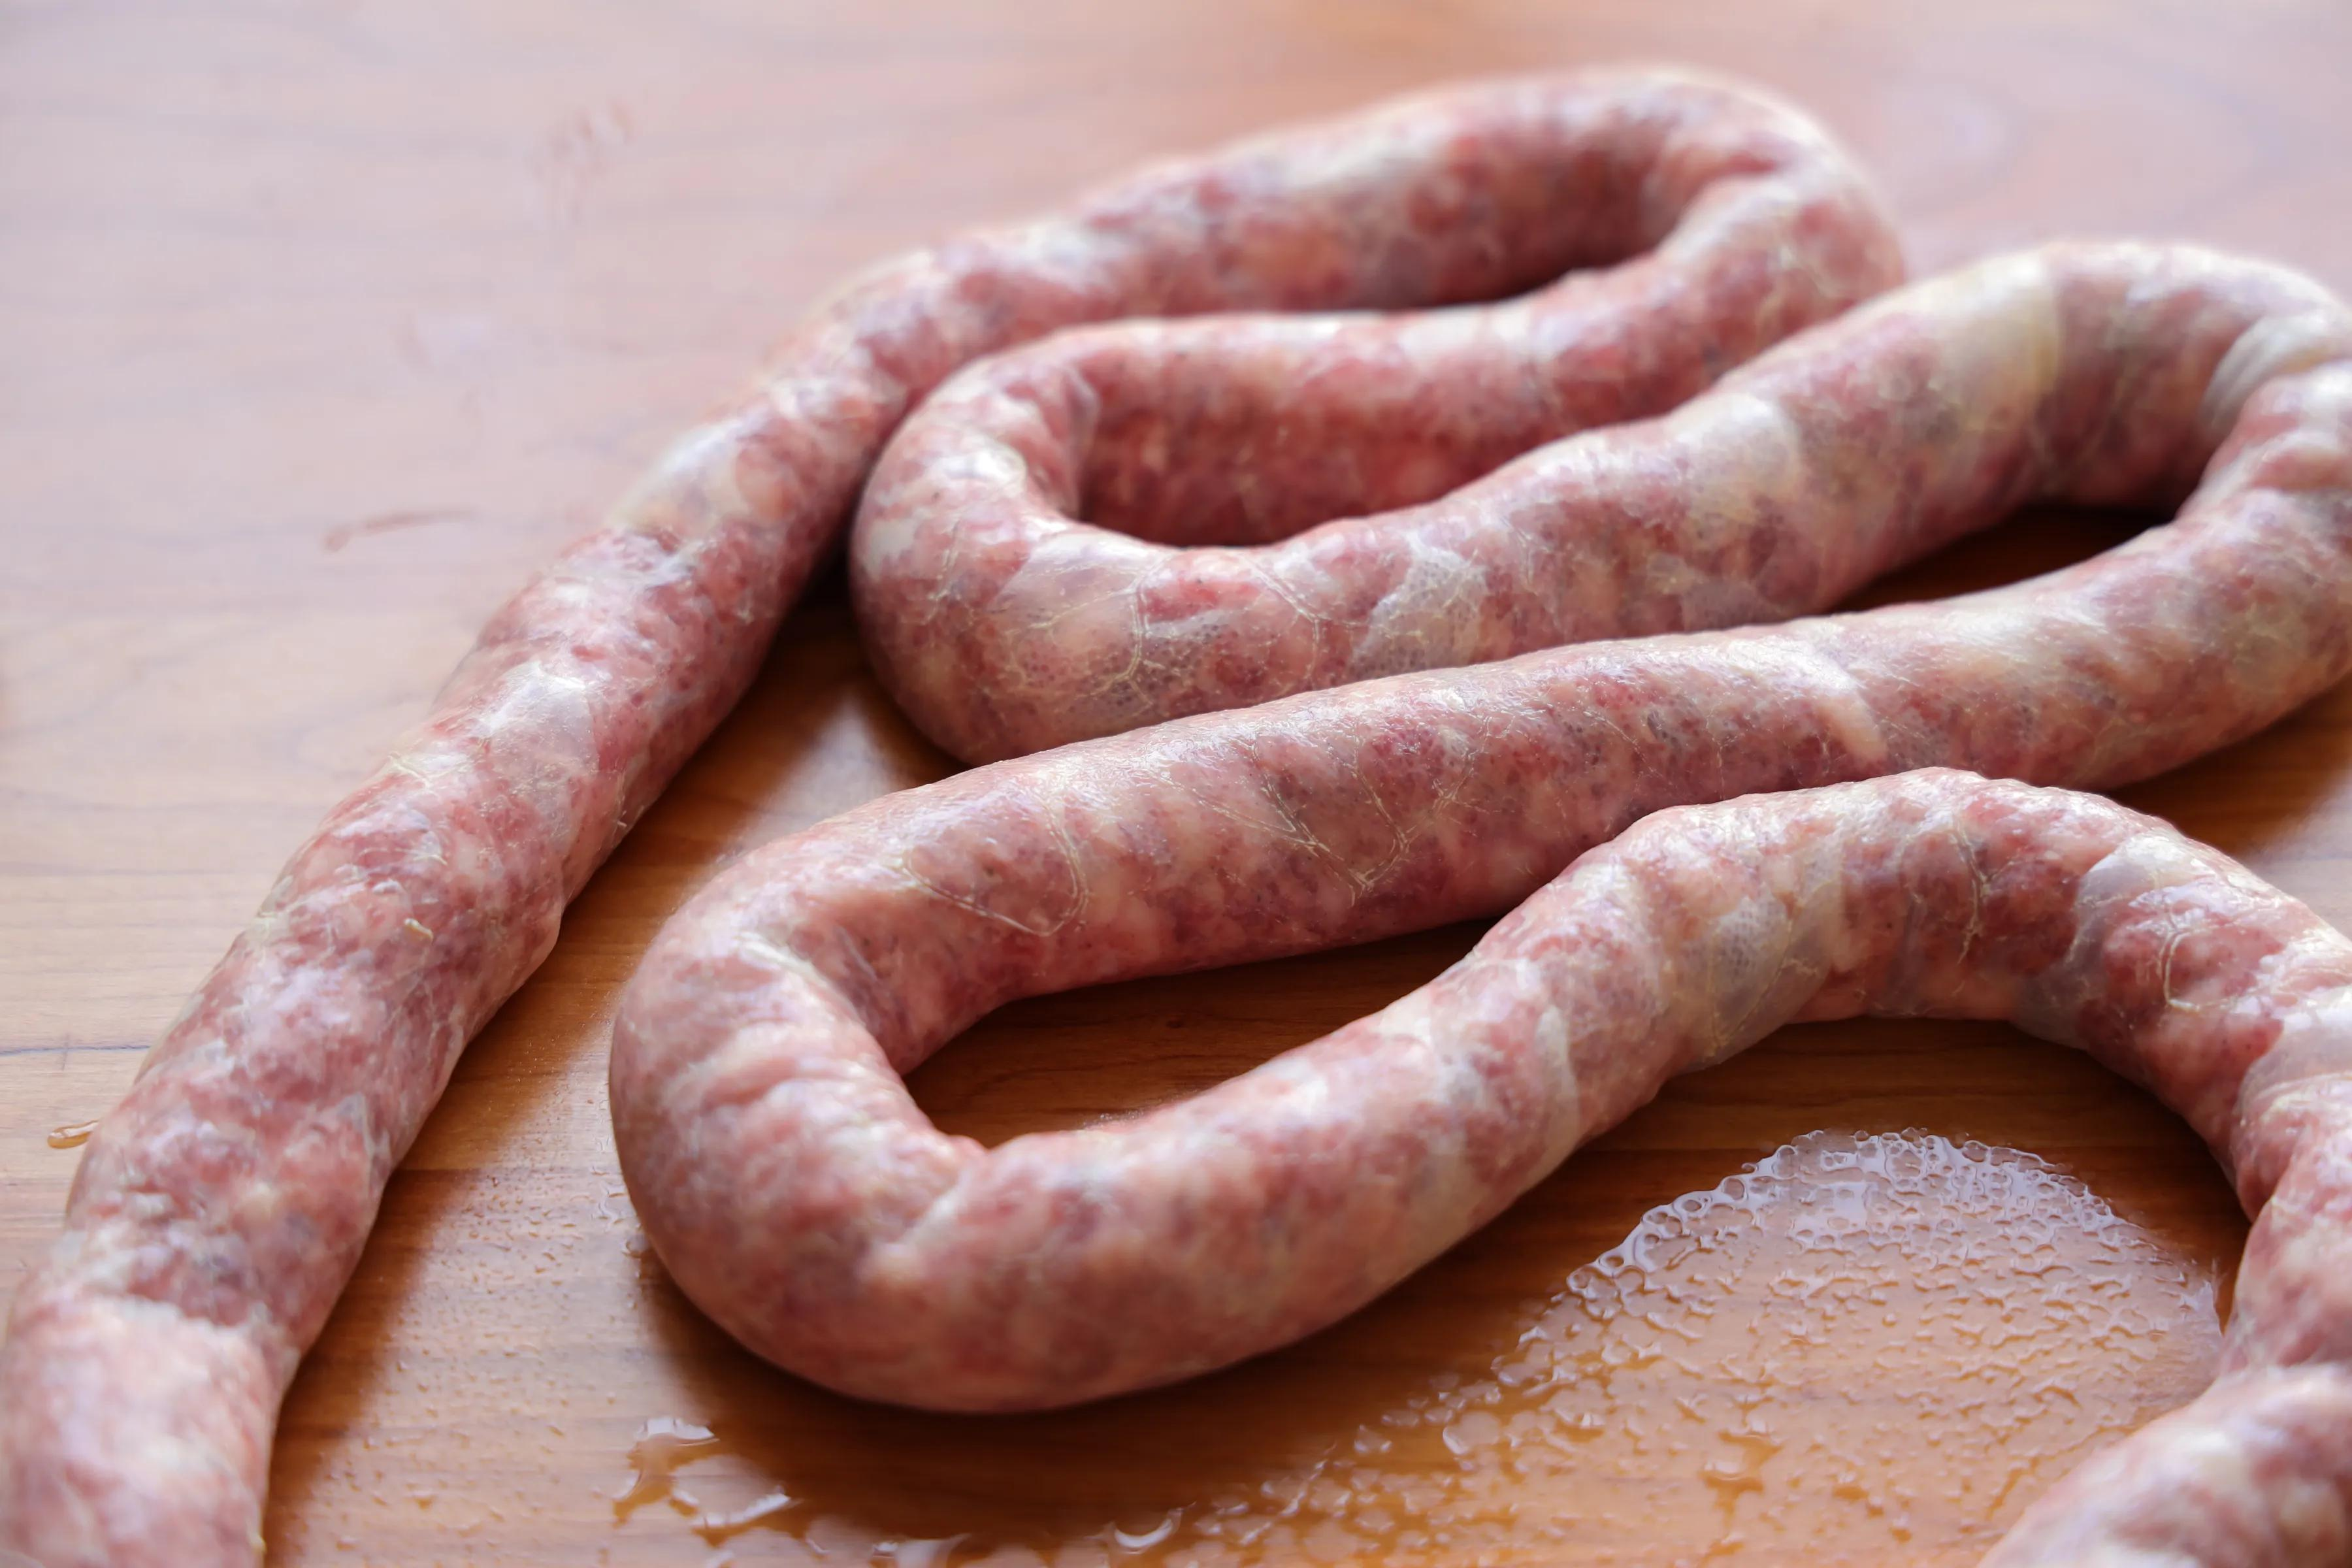 自制脆皮肠,纯肉馅儿吃起来太过瘾了,在家做无添加才健康